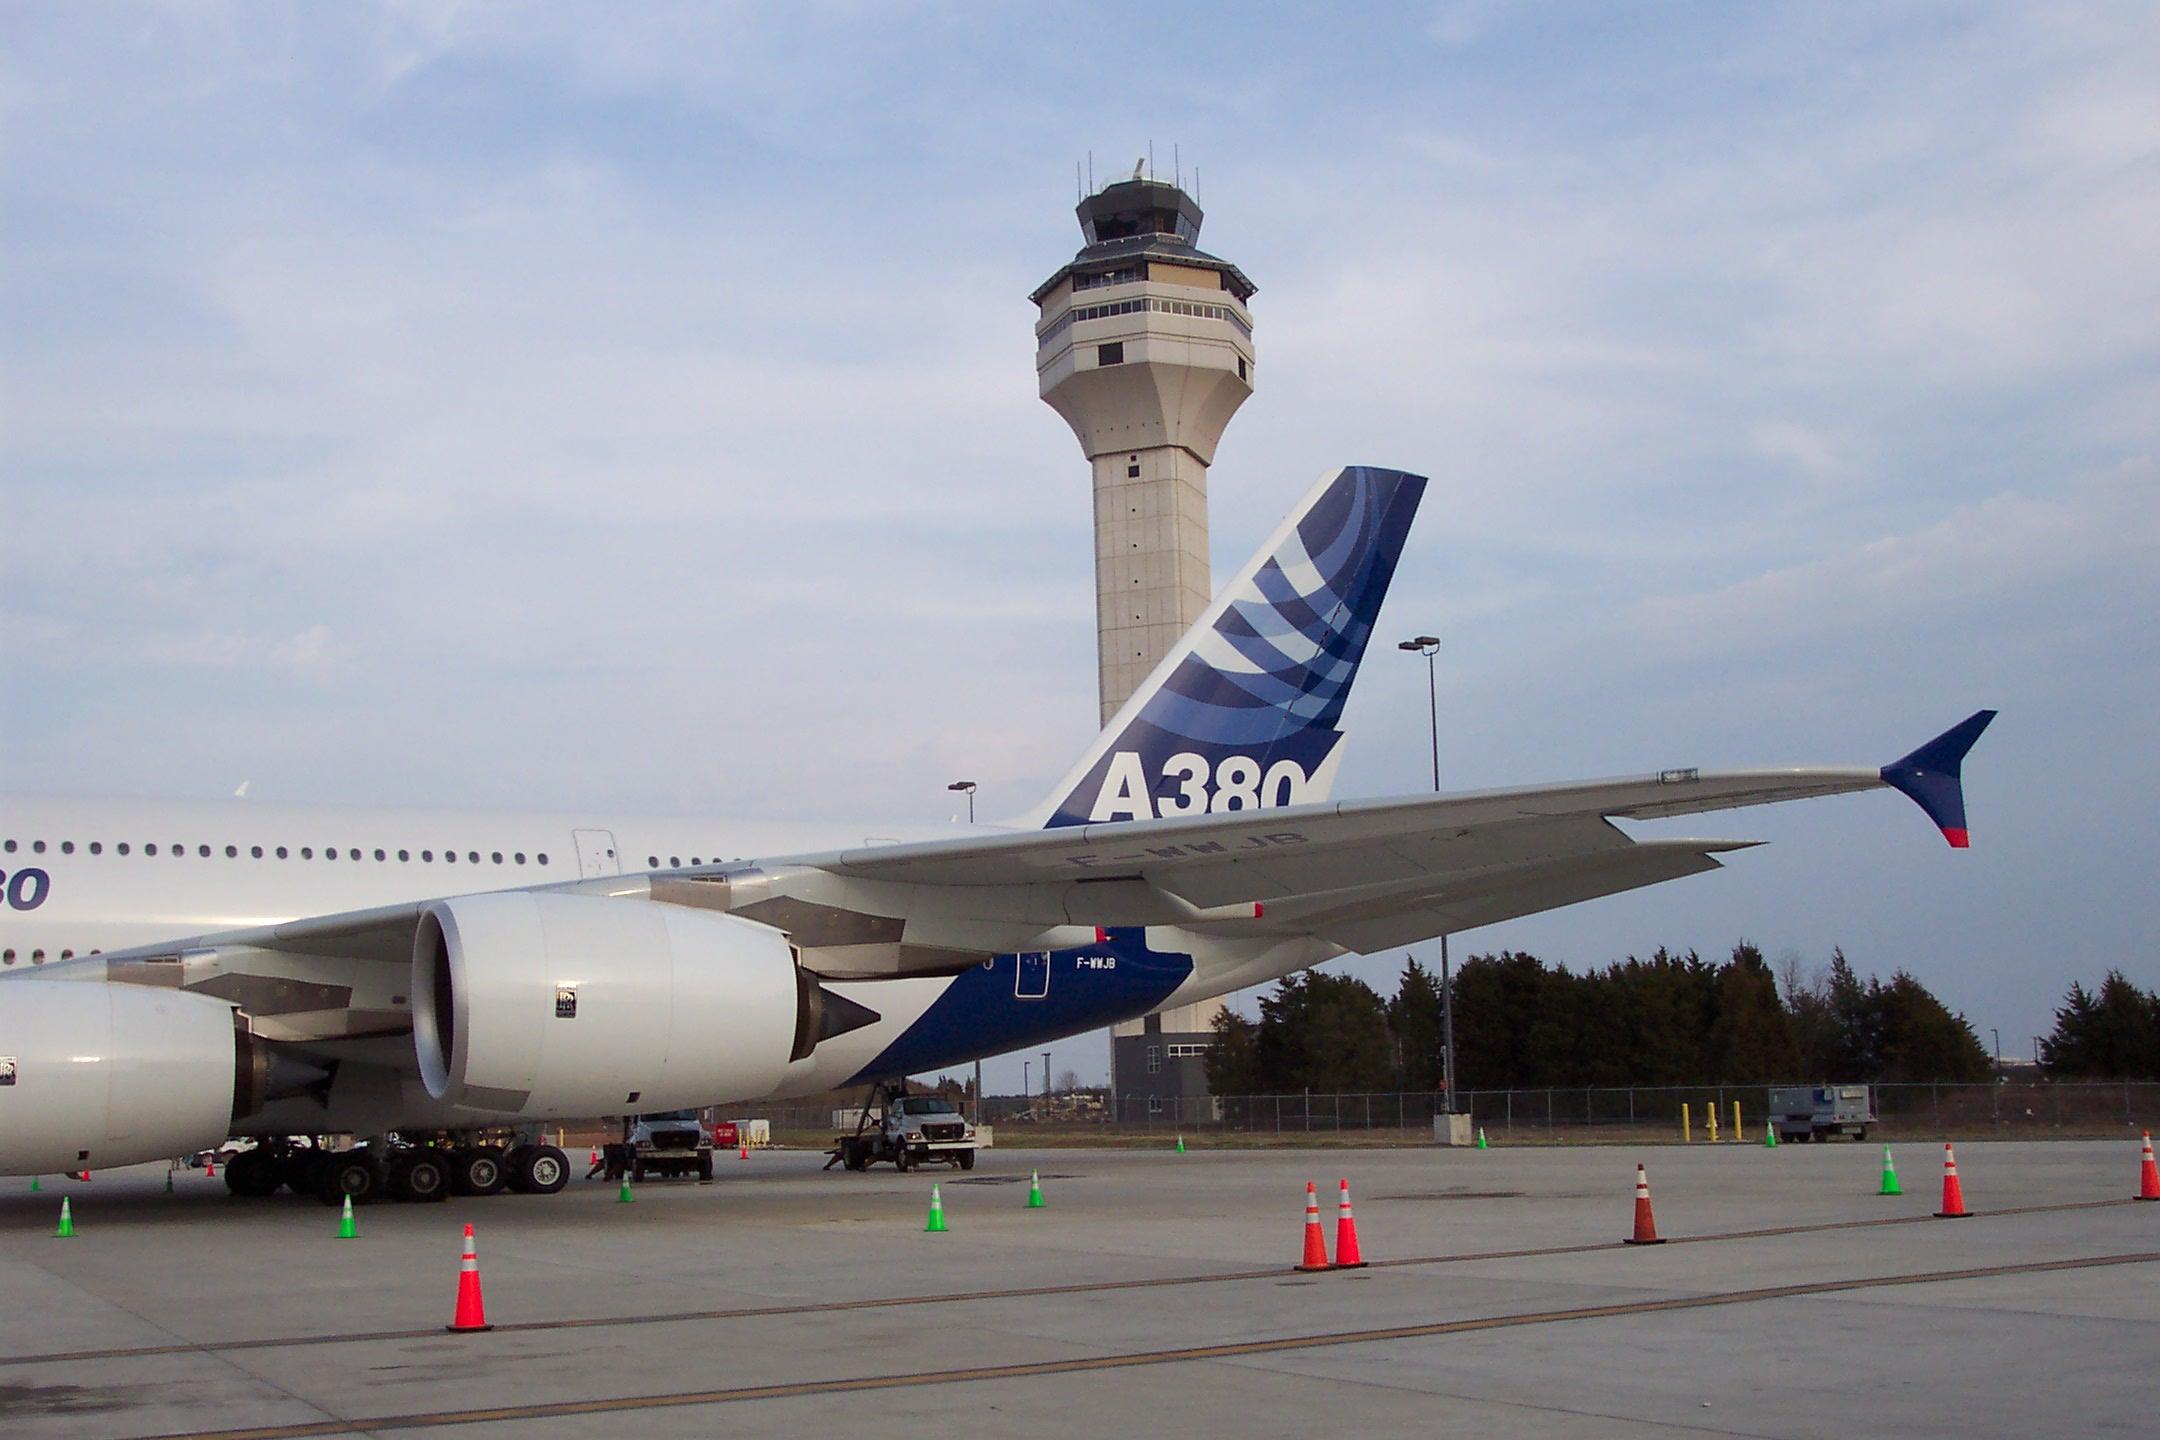 http://www-personal.umich.edu/~cortneyr/A380/A380_02.jpg